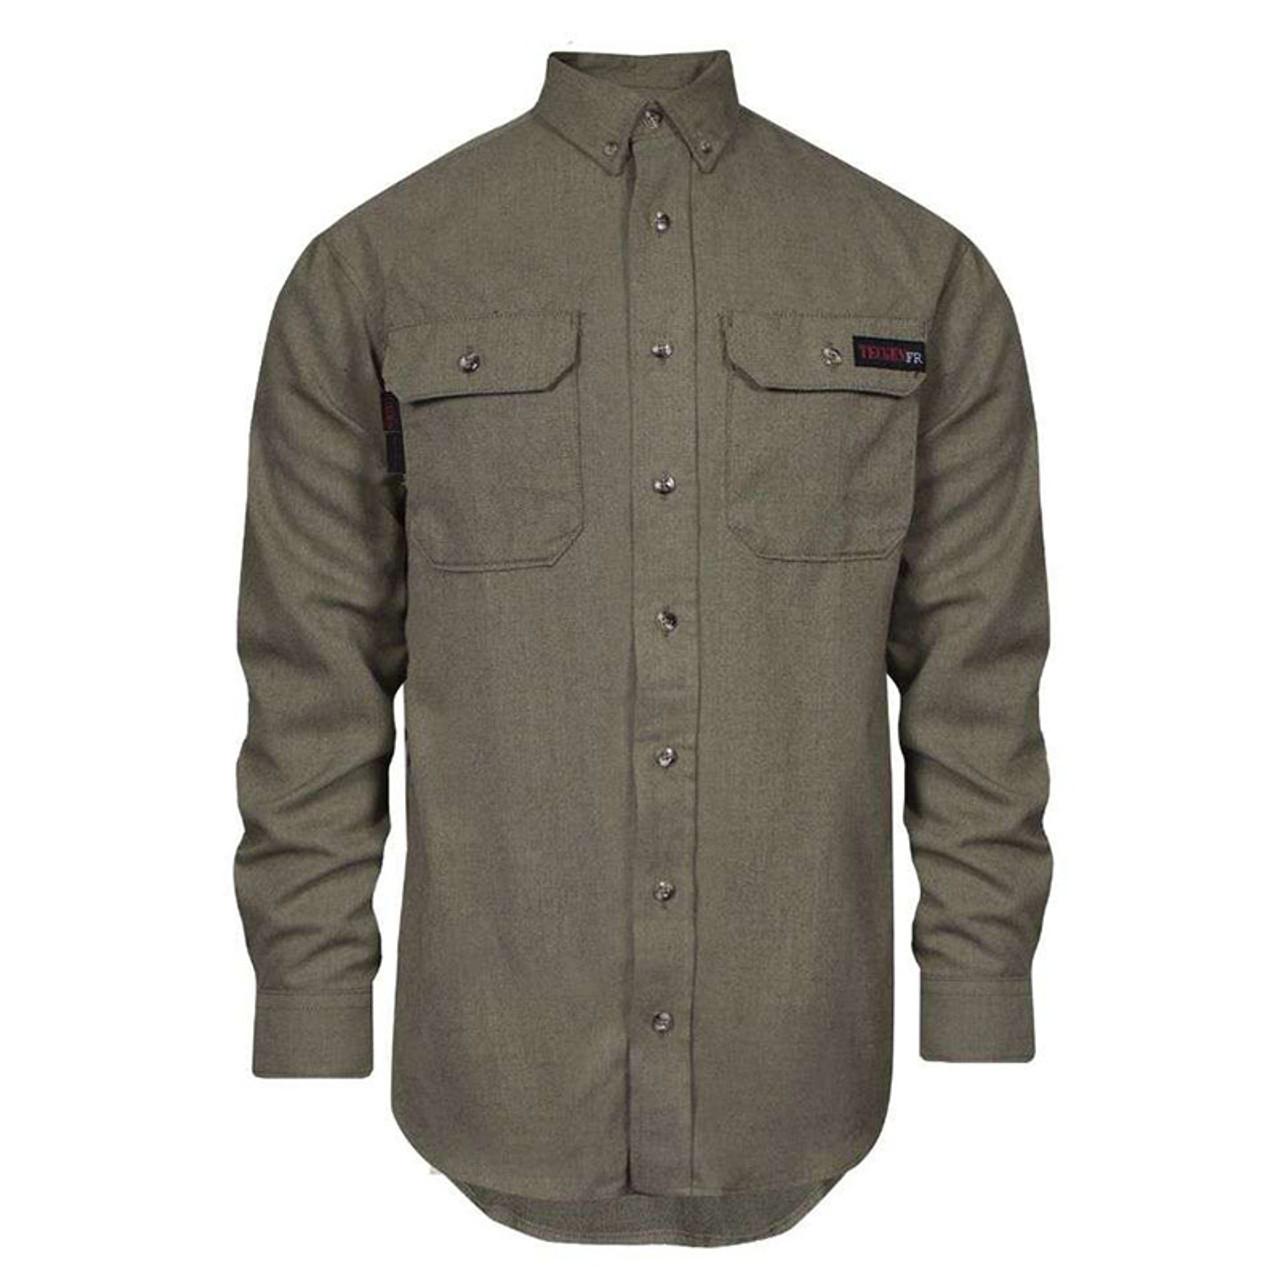 7aa44edb83e8 NSA FR TECGEN Select Work Shirt TCG011